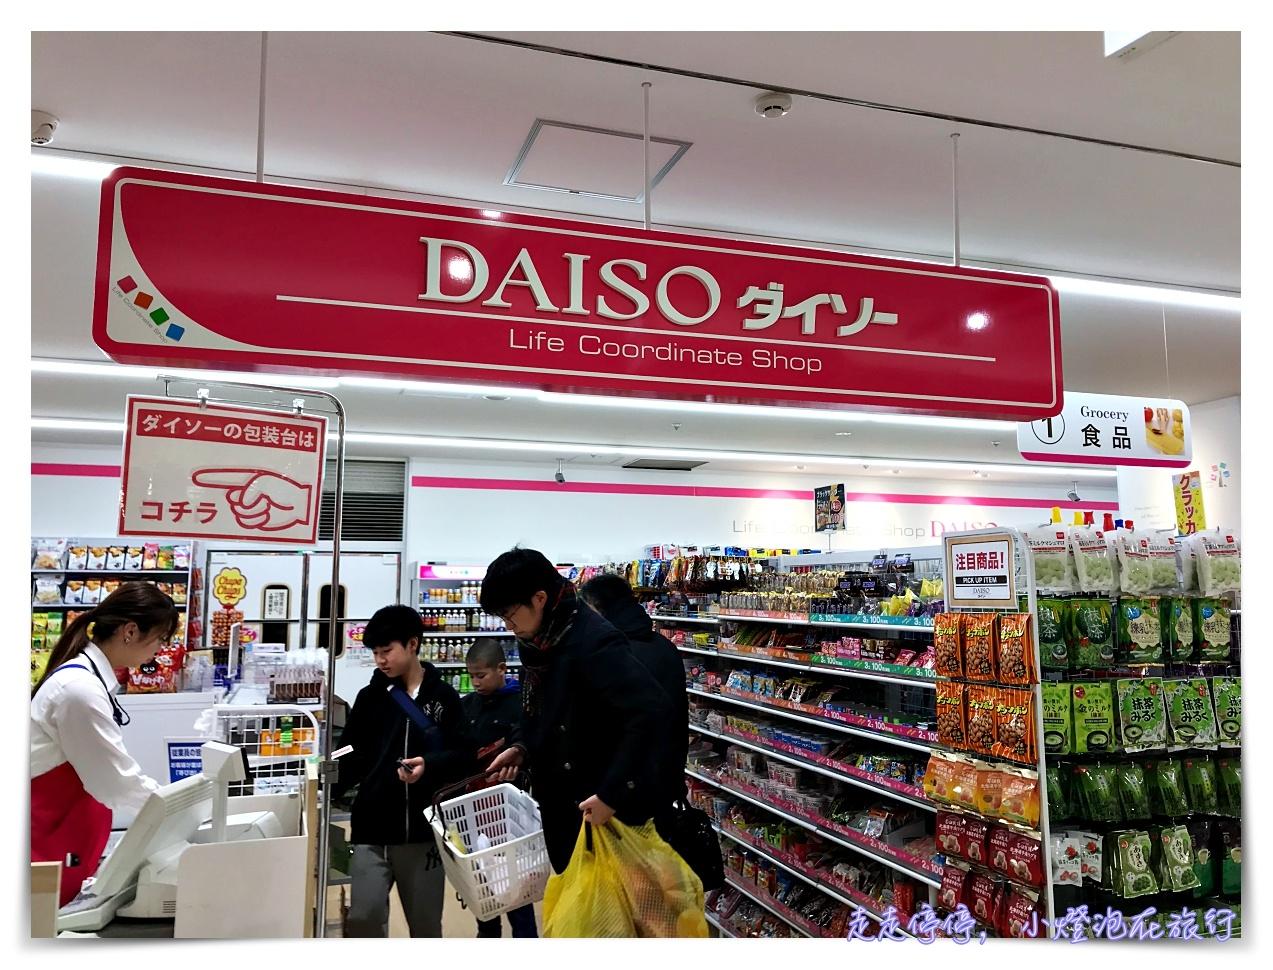 日本大創Daiso採買|什麼玩意兒都只要108円日幣起~手撕膠帶、溫度變色杯、吸管眼鏡、煮蛋器~通通都好玩